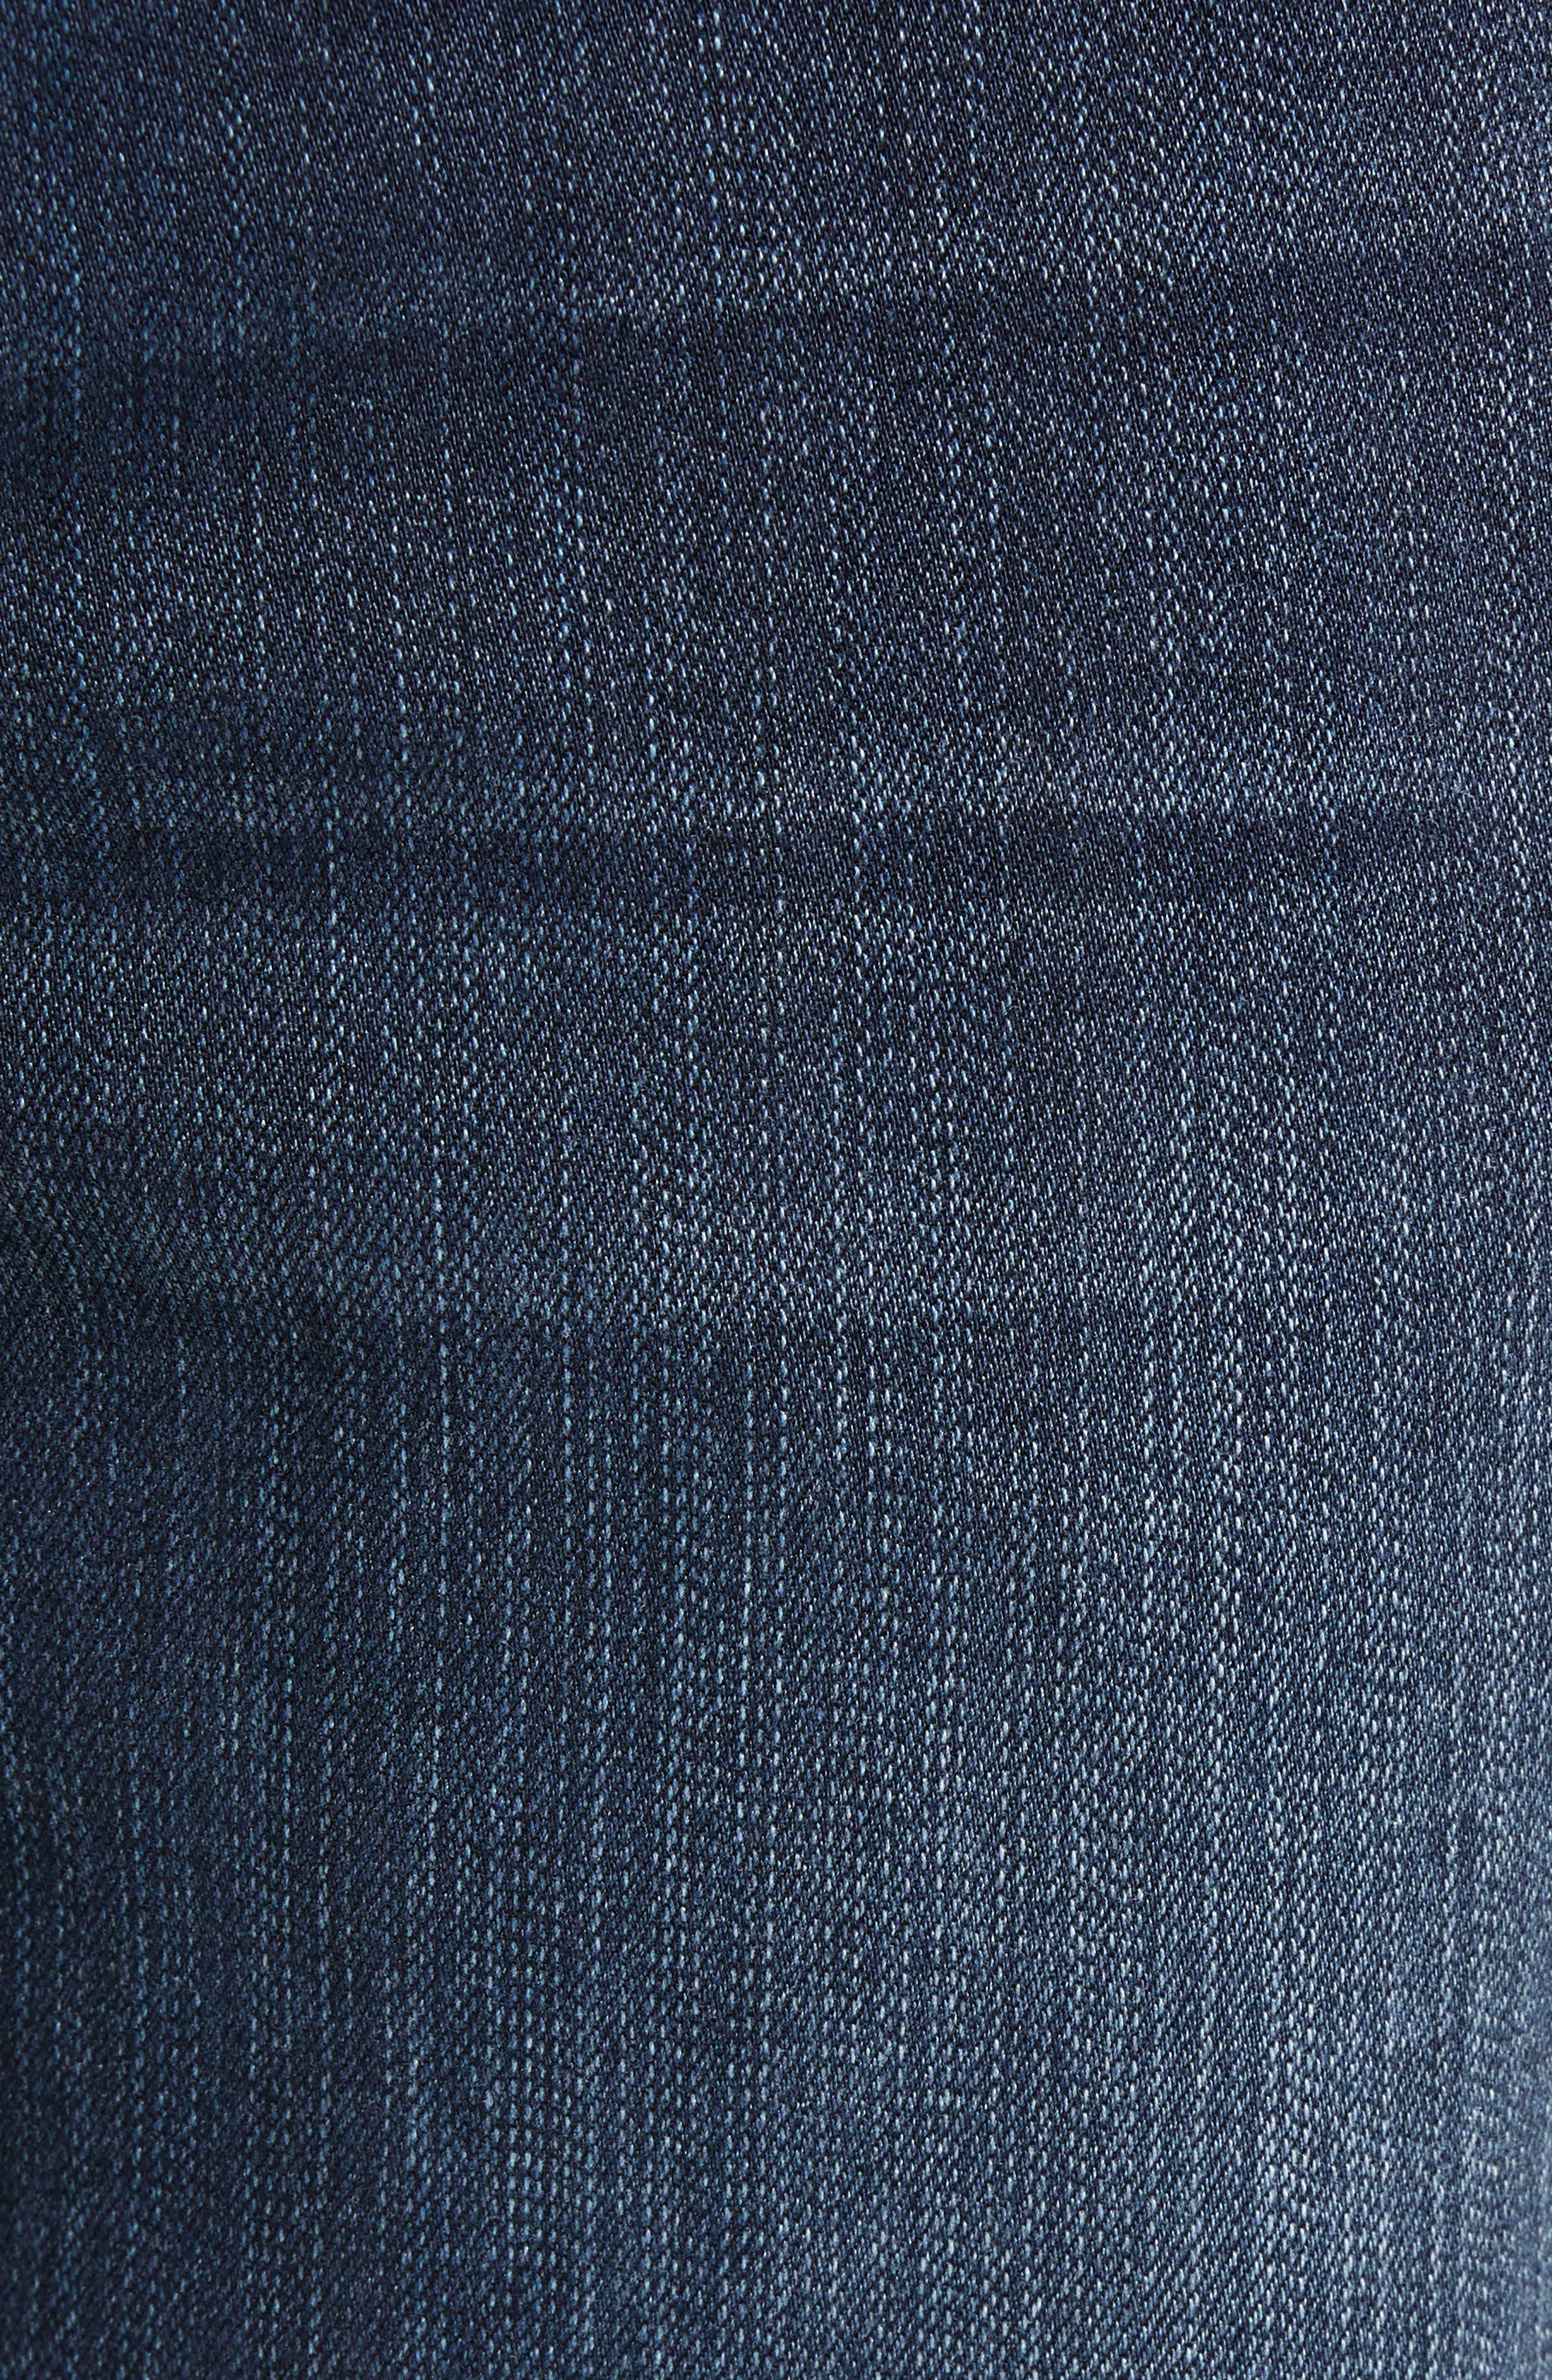 Blake Slim Fit Jeans,                             Alternate thumbnail 4, color,                             Loma